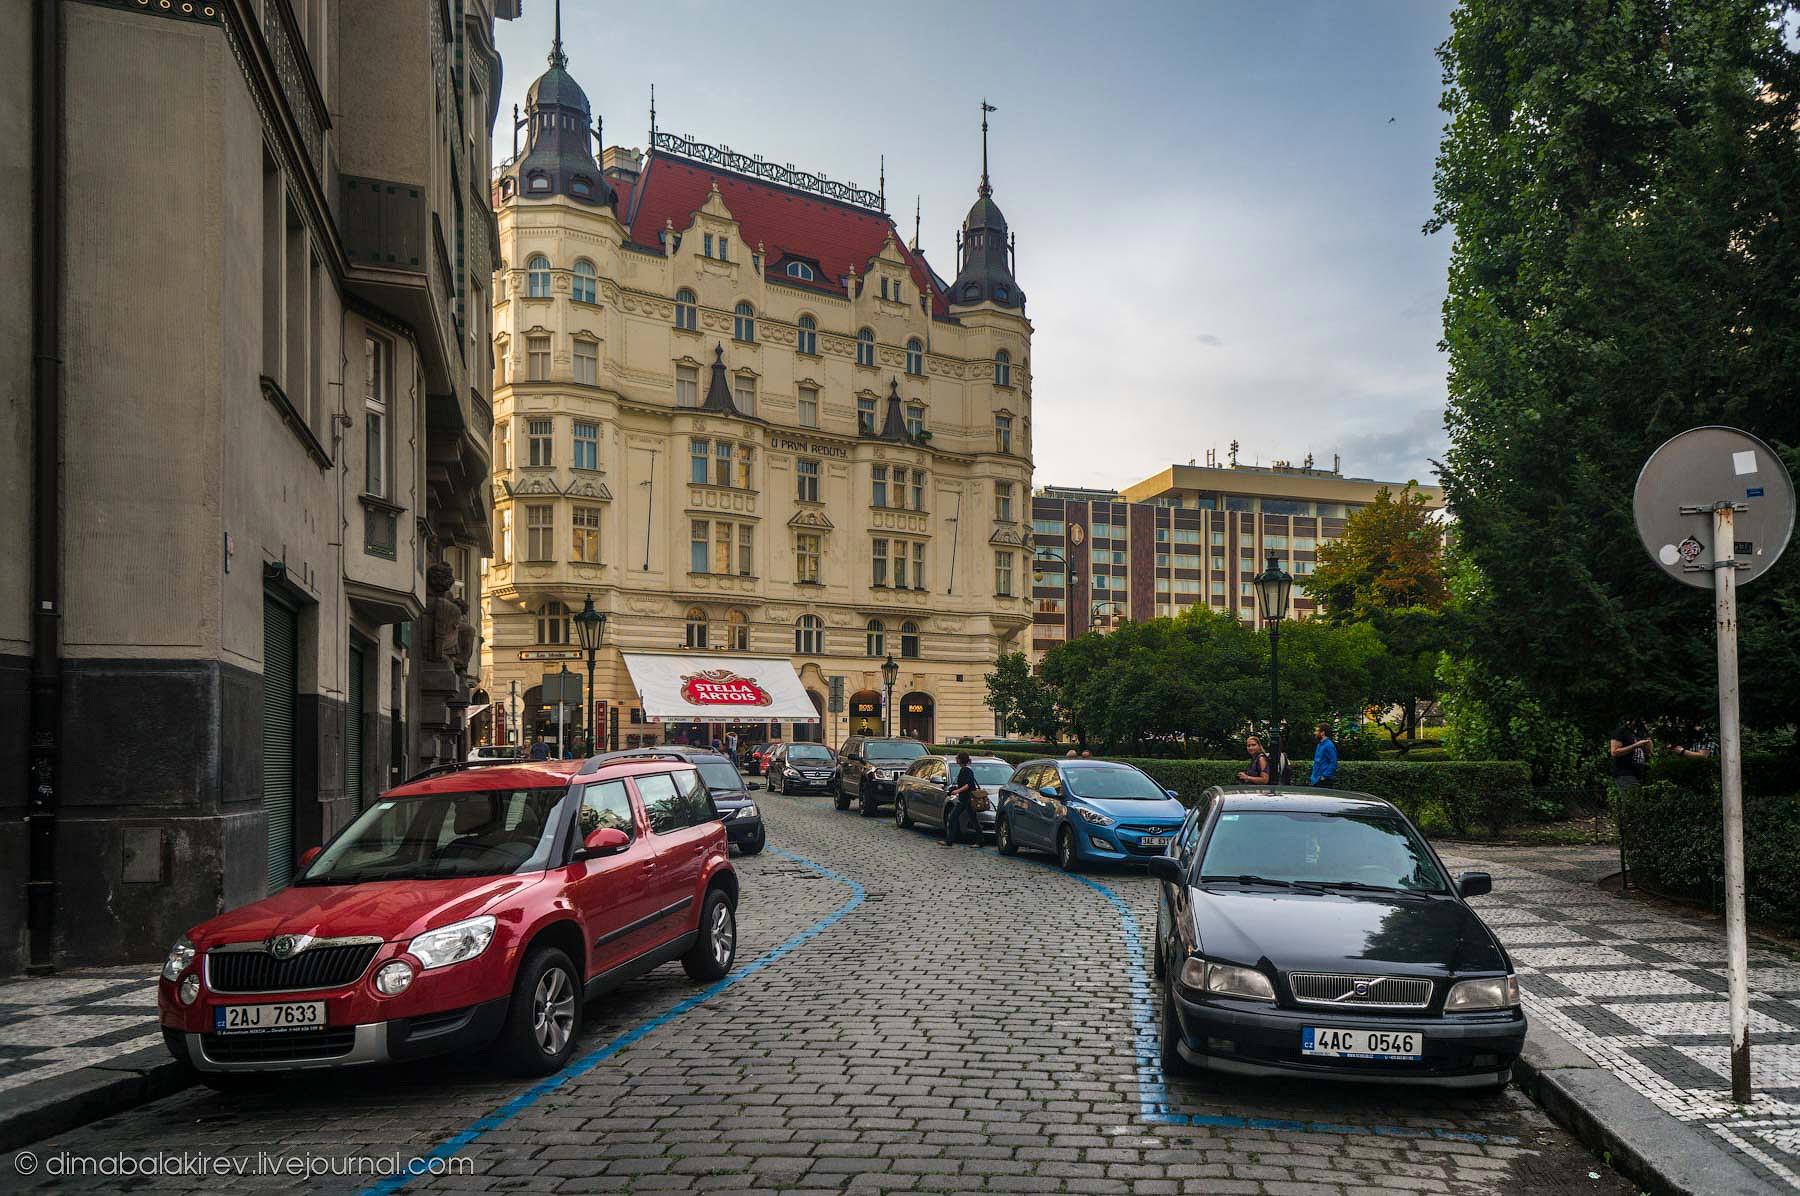 Прага на сигвеях